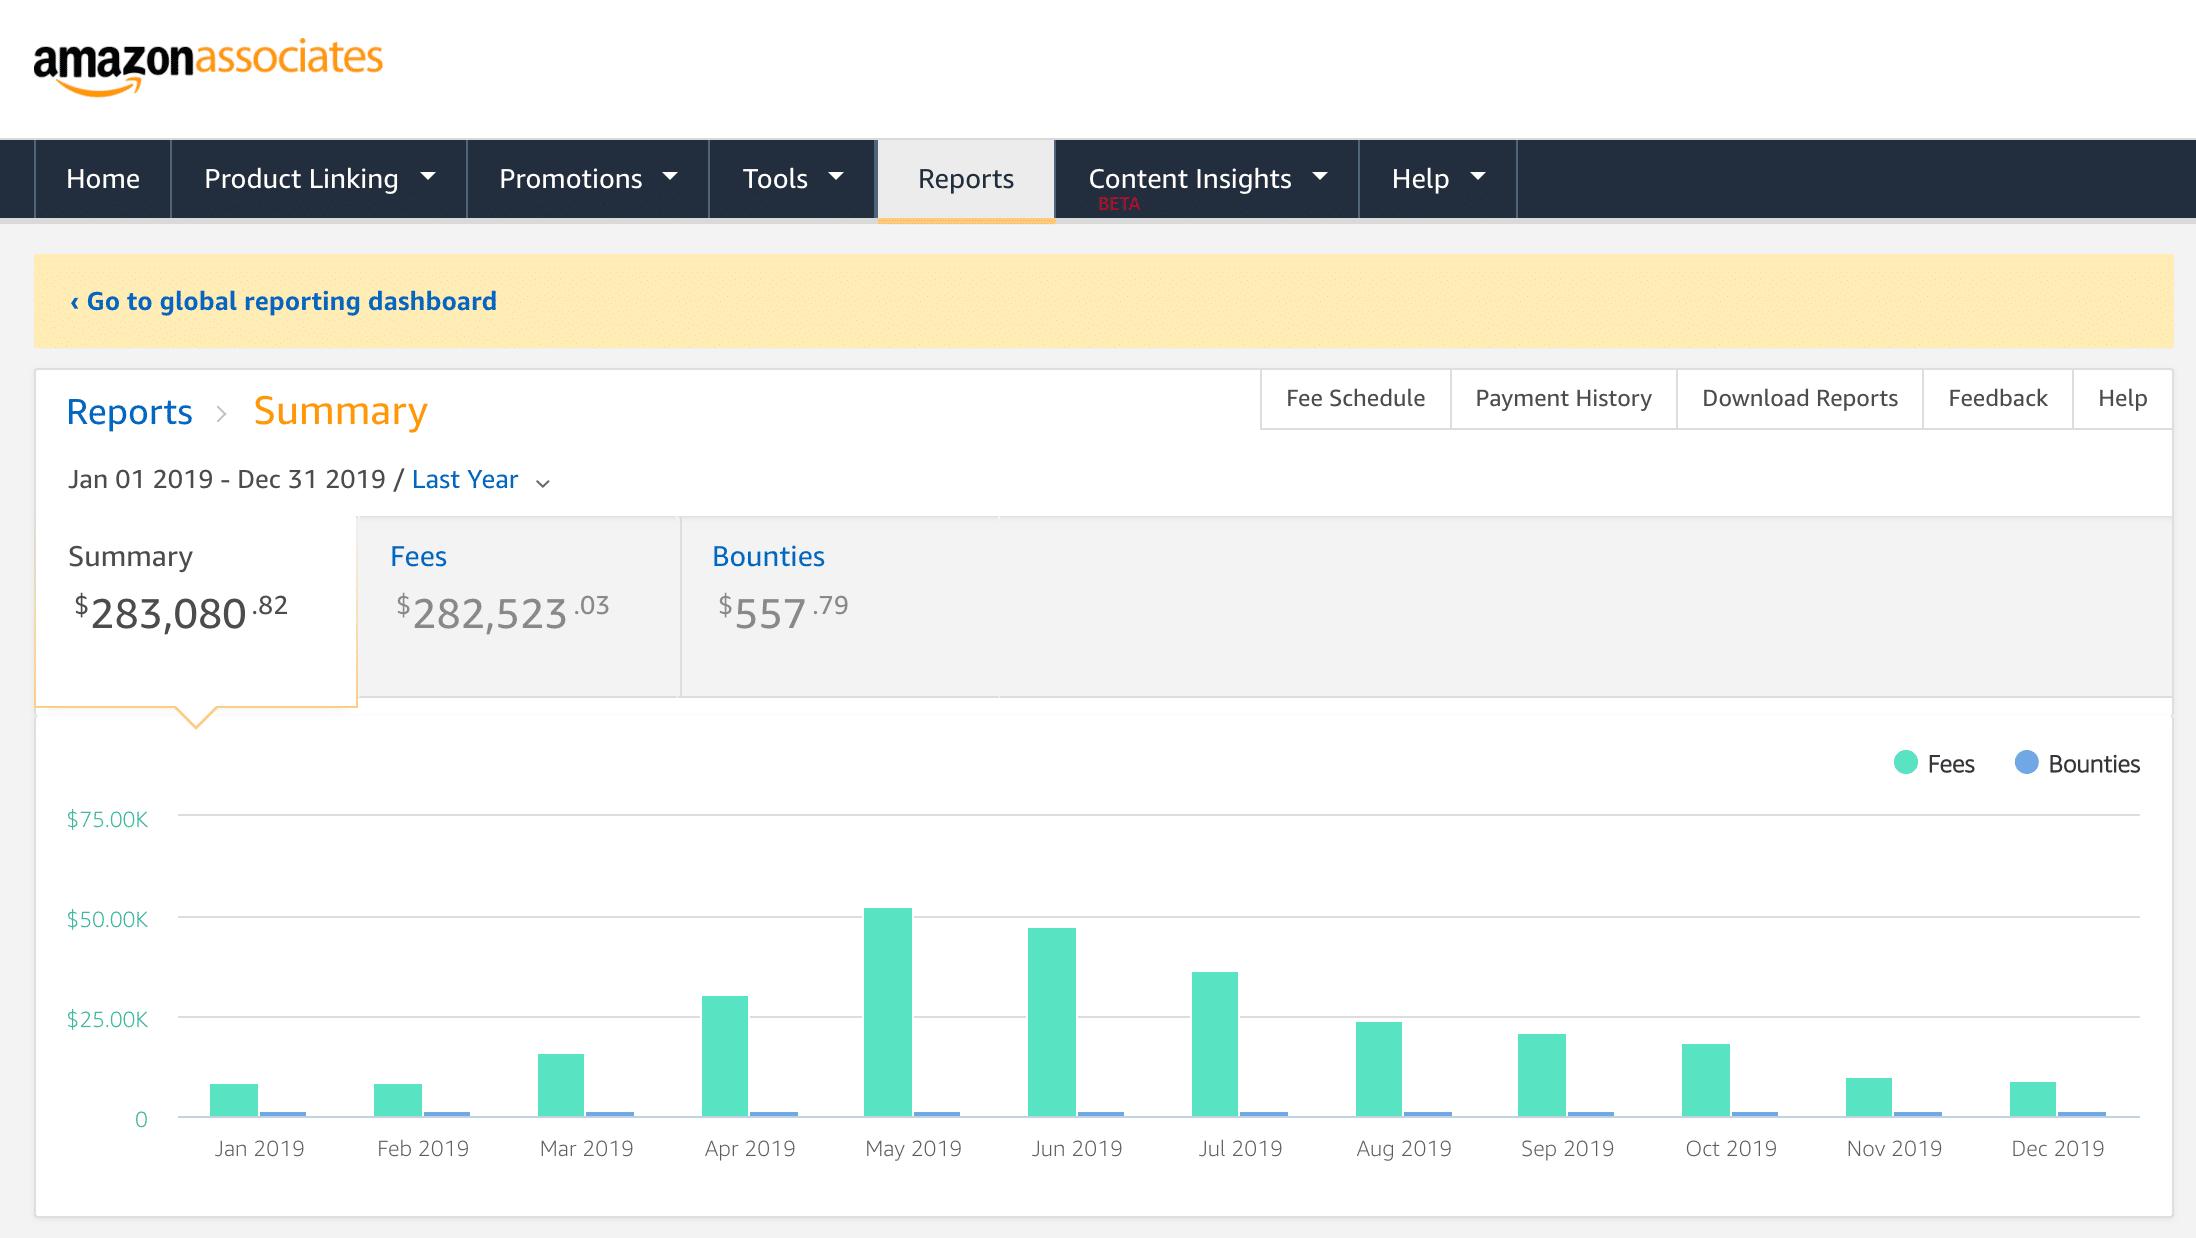 SwimU Amazon Associates 2019 earnings